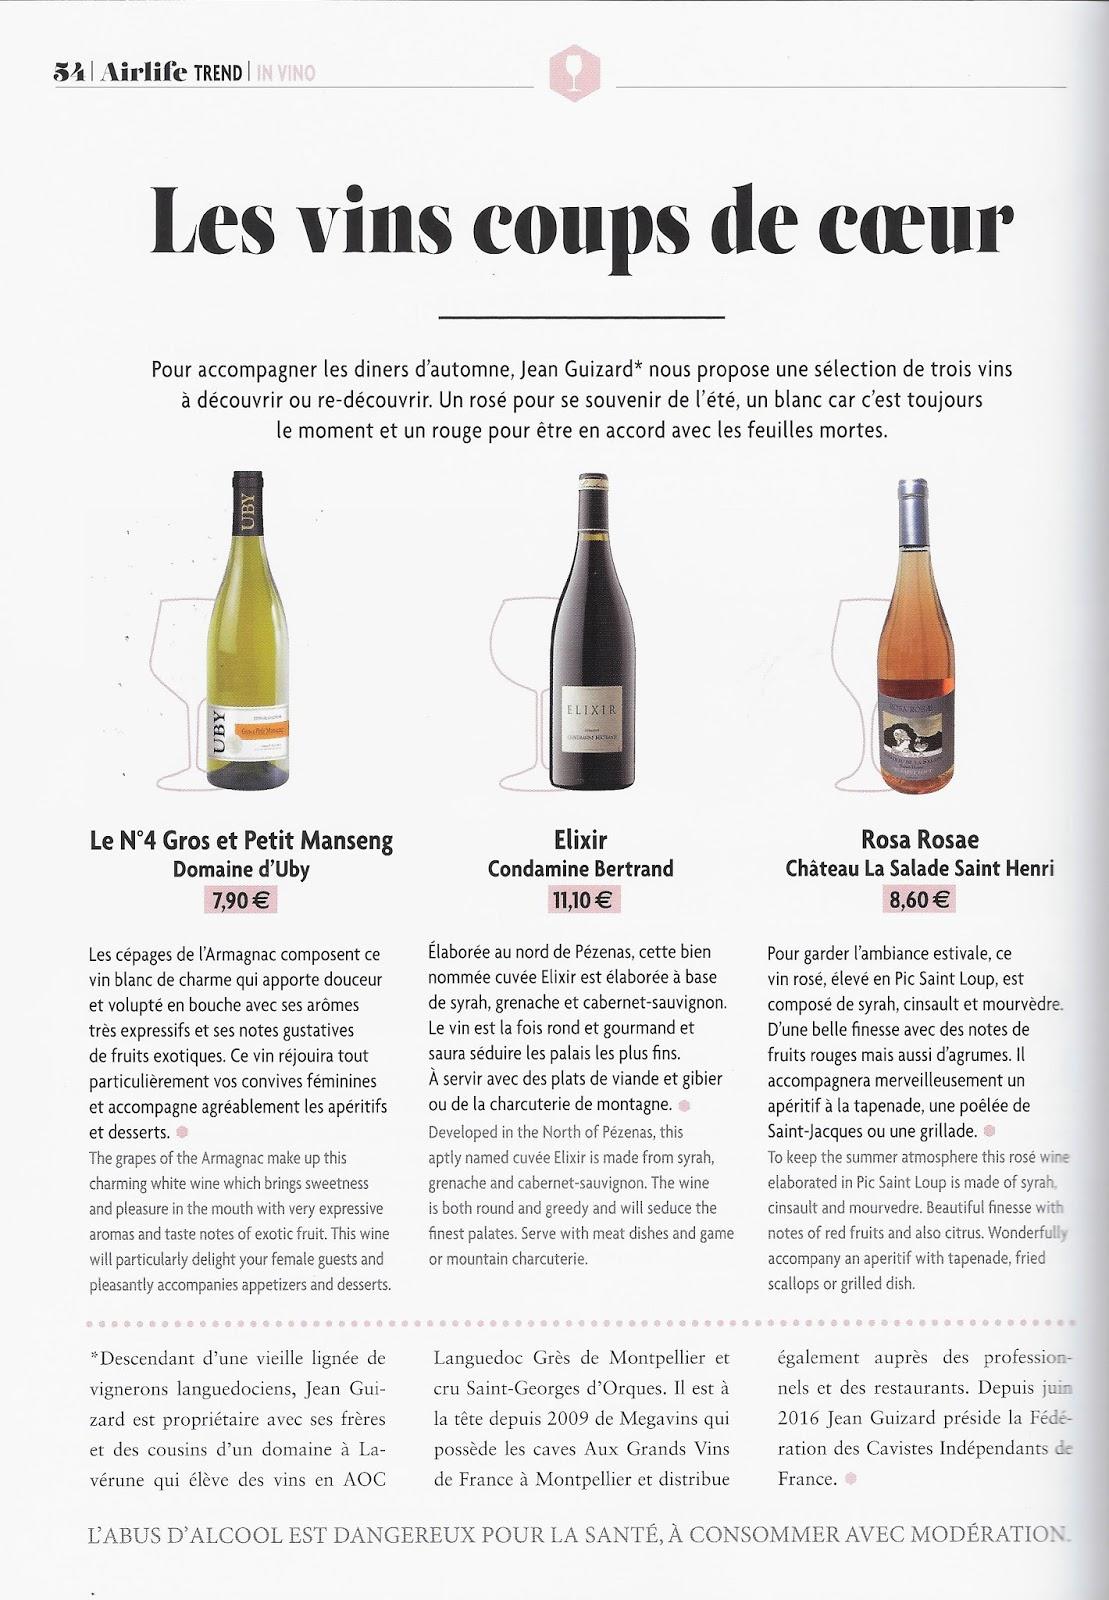 Aux grands vins de france le magazine airlife parle des vins coup de coeur du caviste - Coup de coeur air france ...